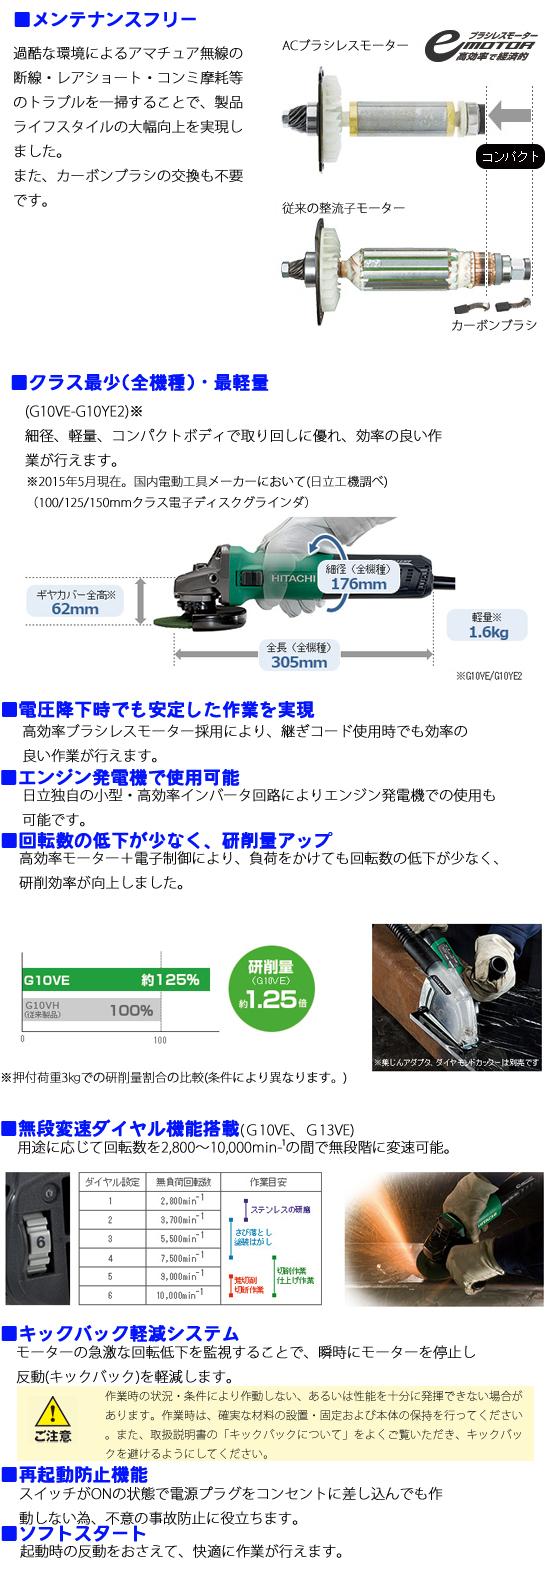 日立 125mm電子ディスクグラインダ G13YE2